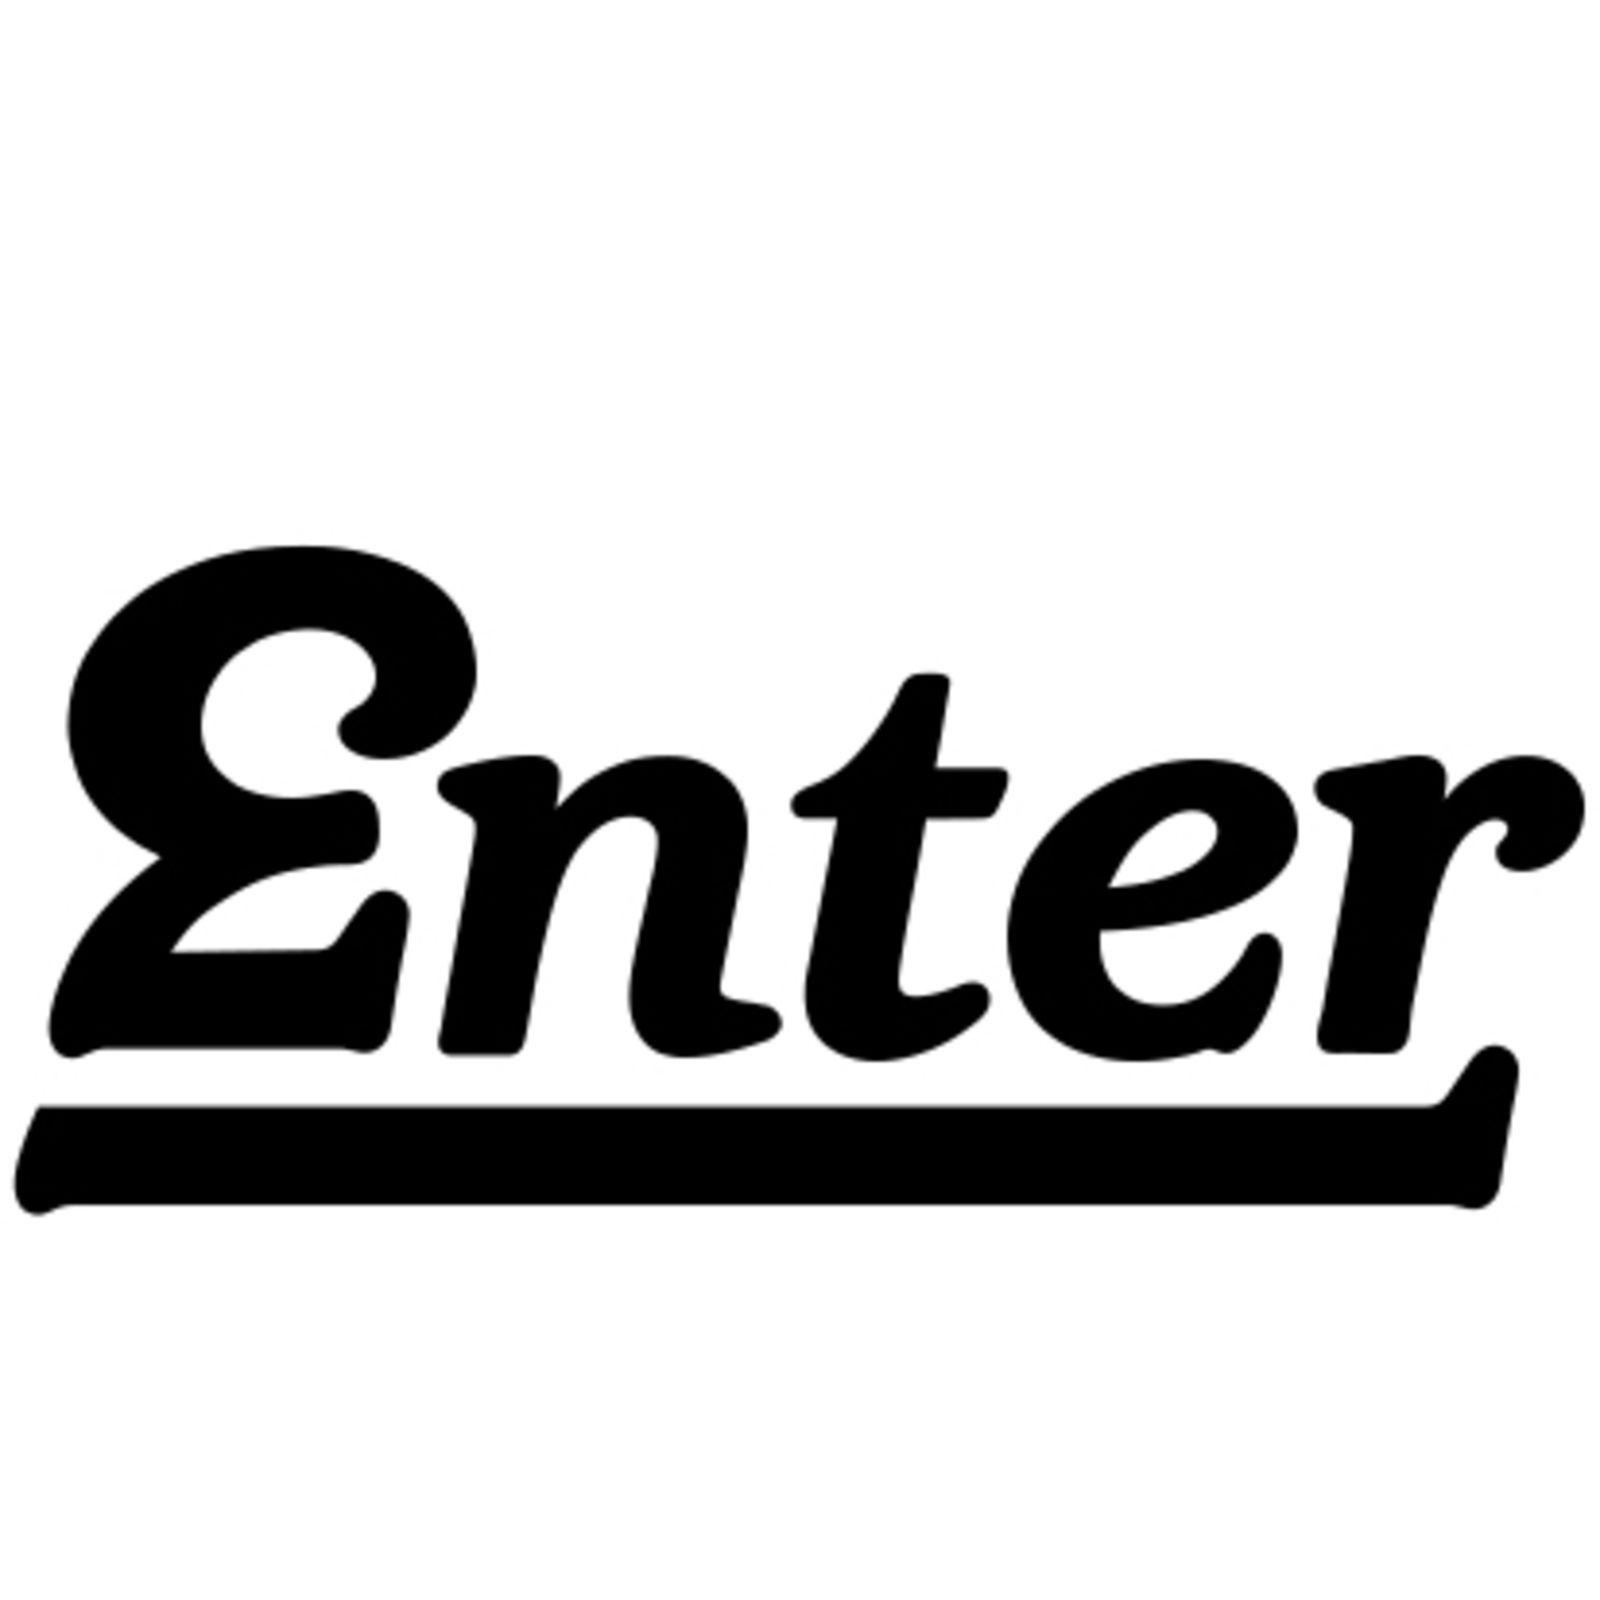 ENTER (Bild 1)